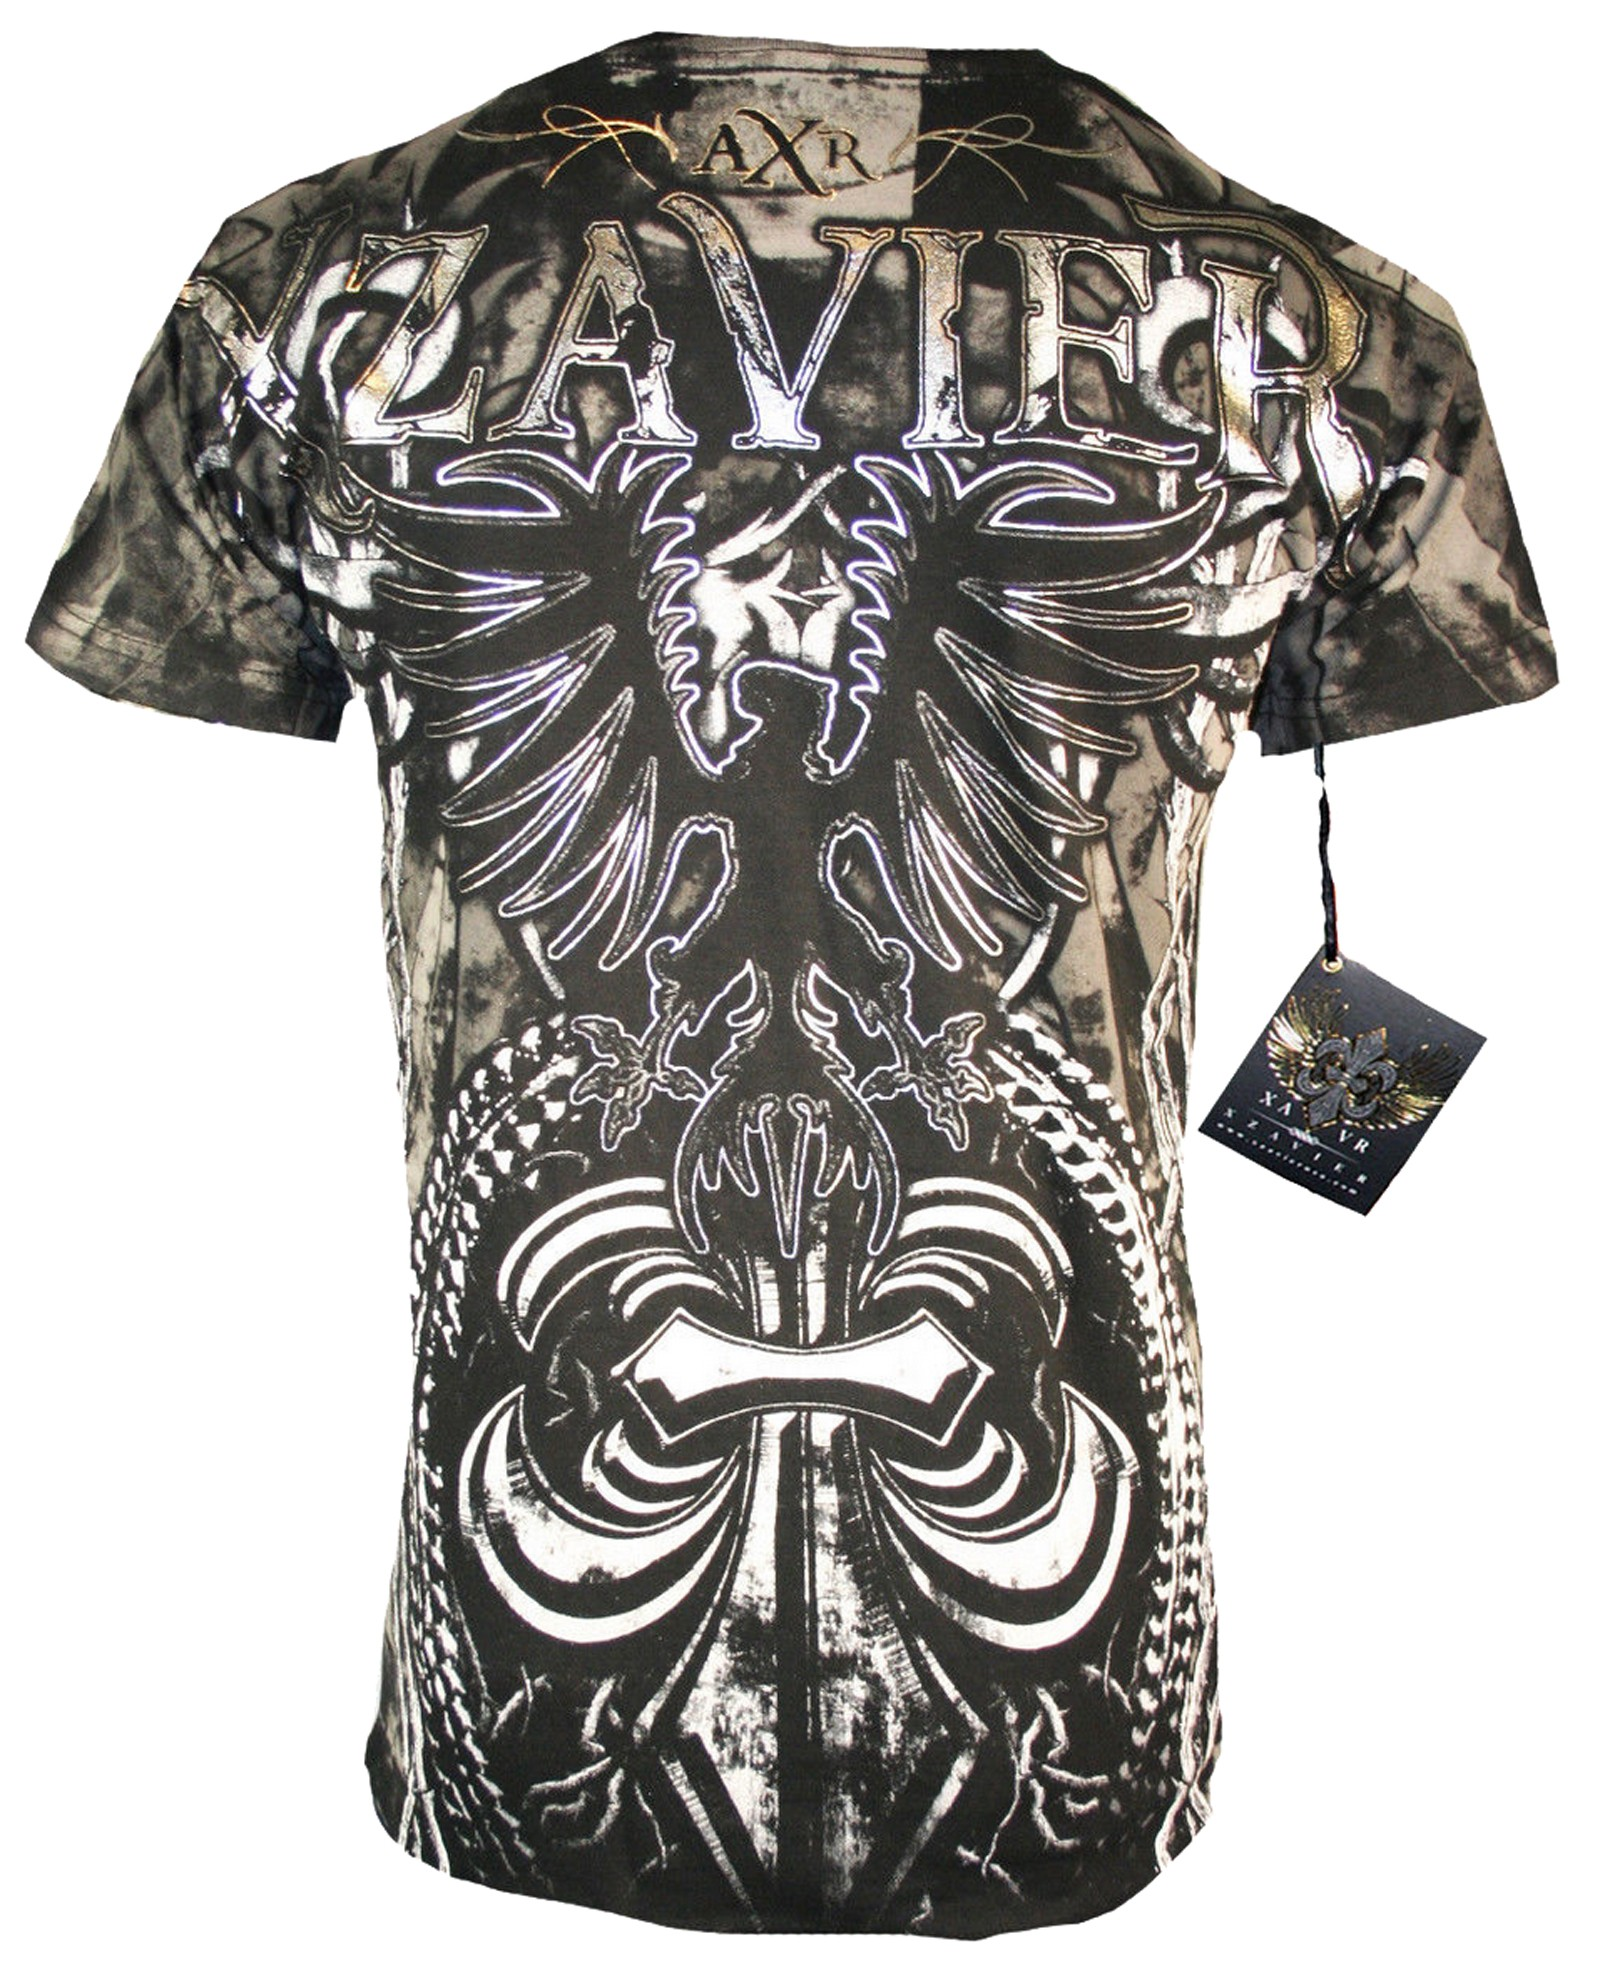 Xzavier - Fenix Thorns T-Shirt Back